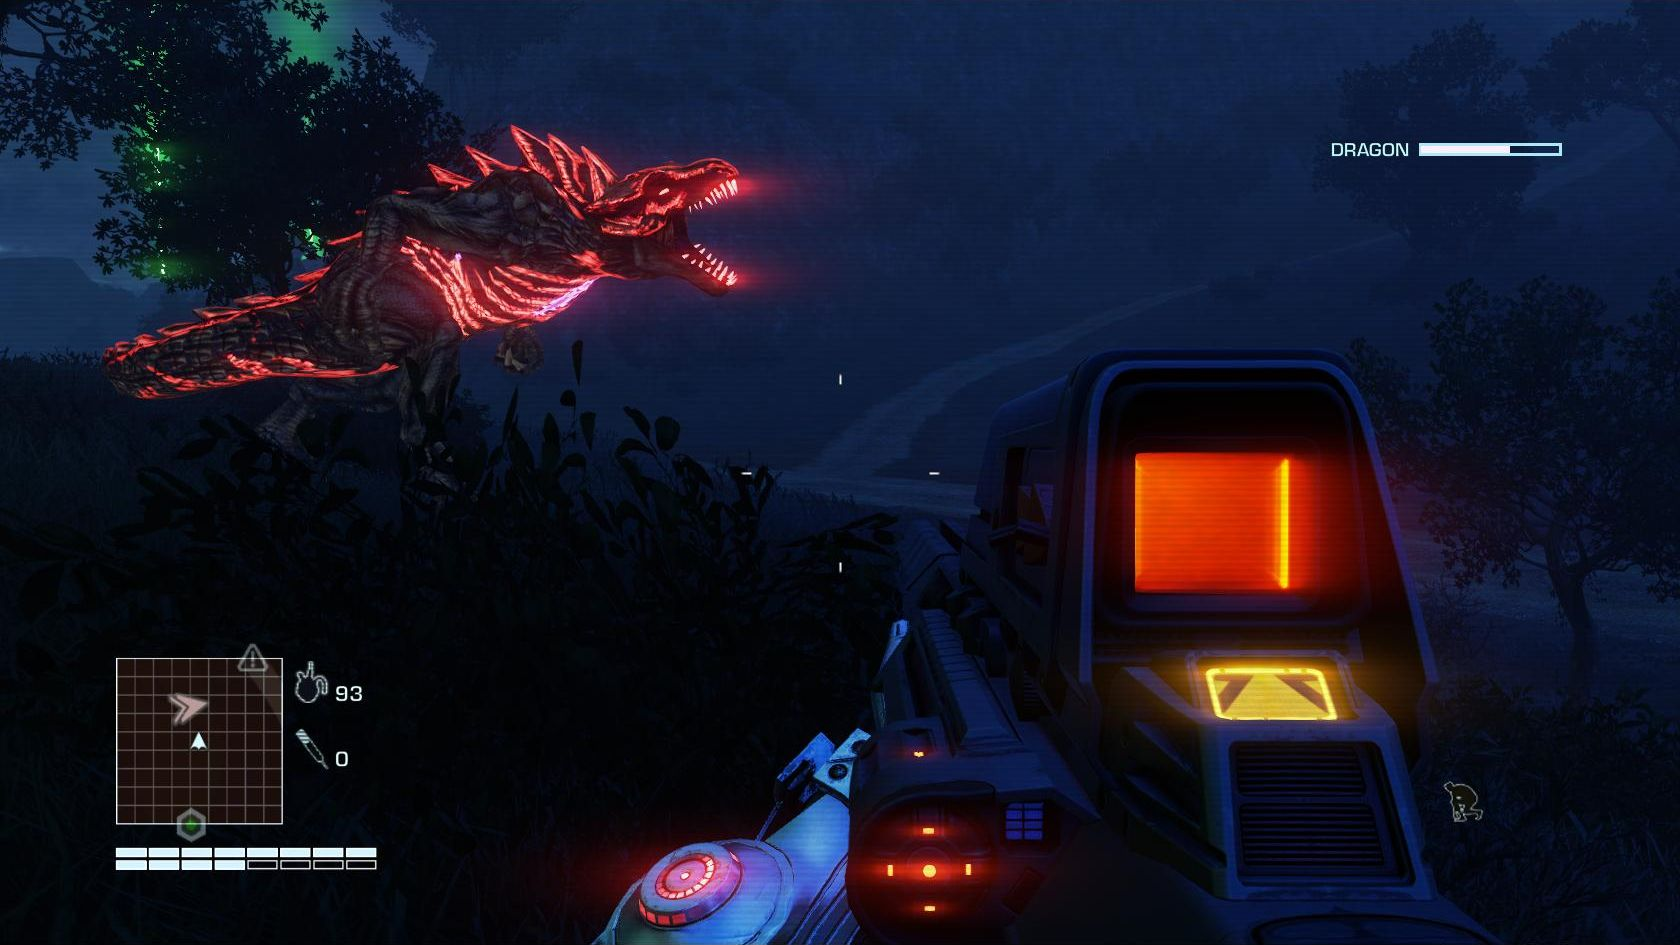 Je vous avais prévenu pour les néons !